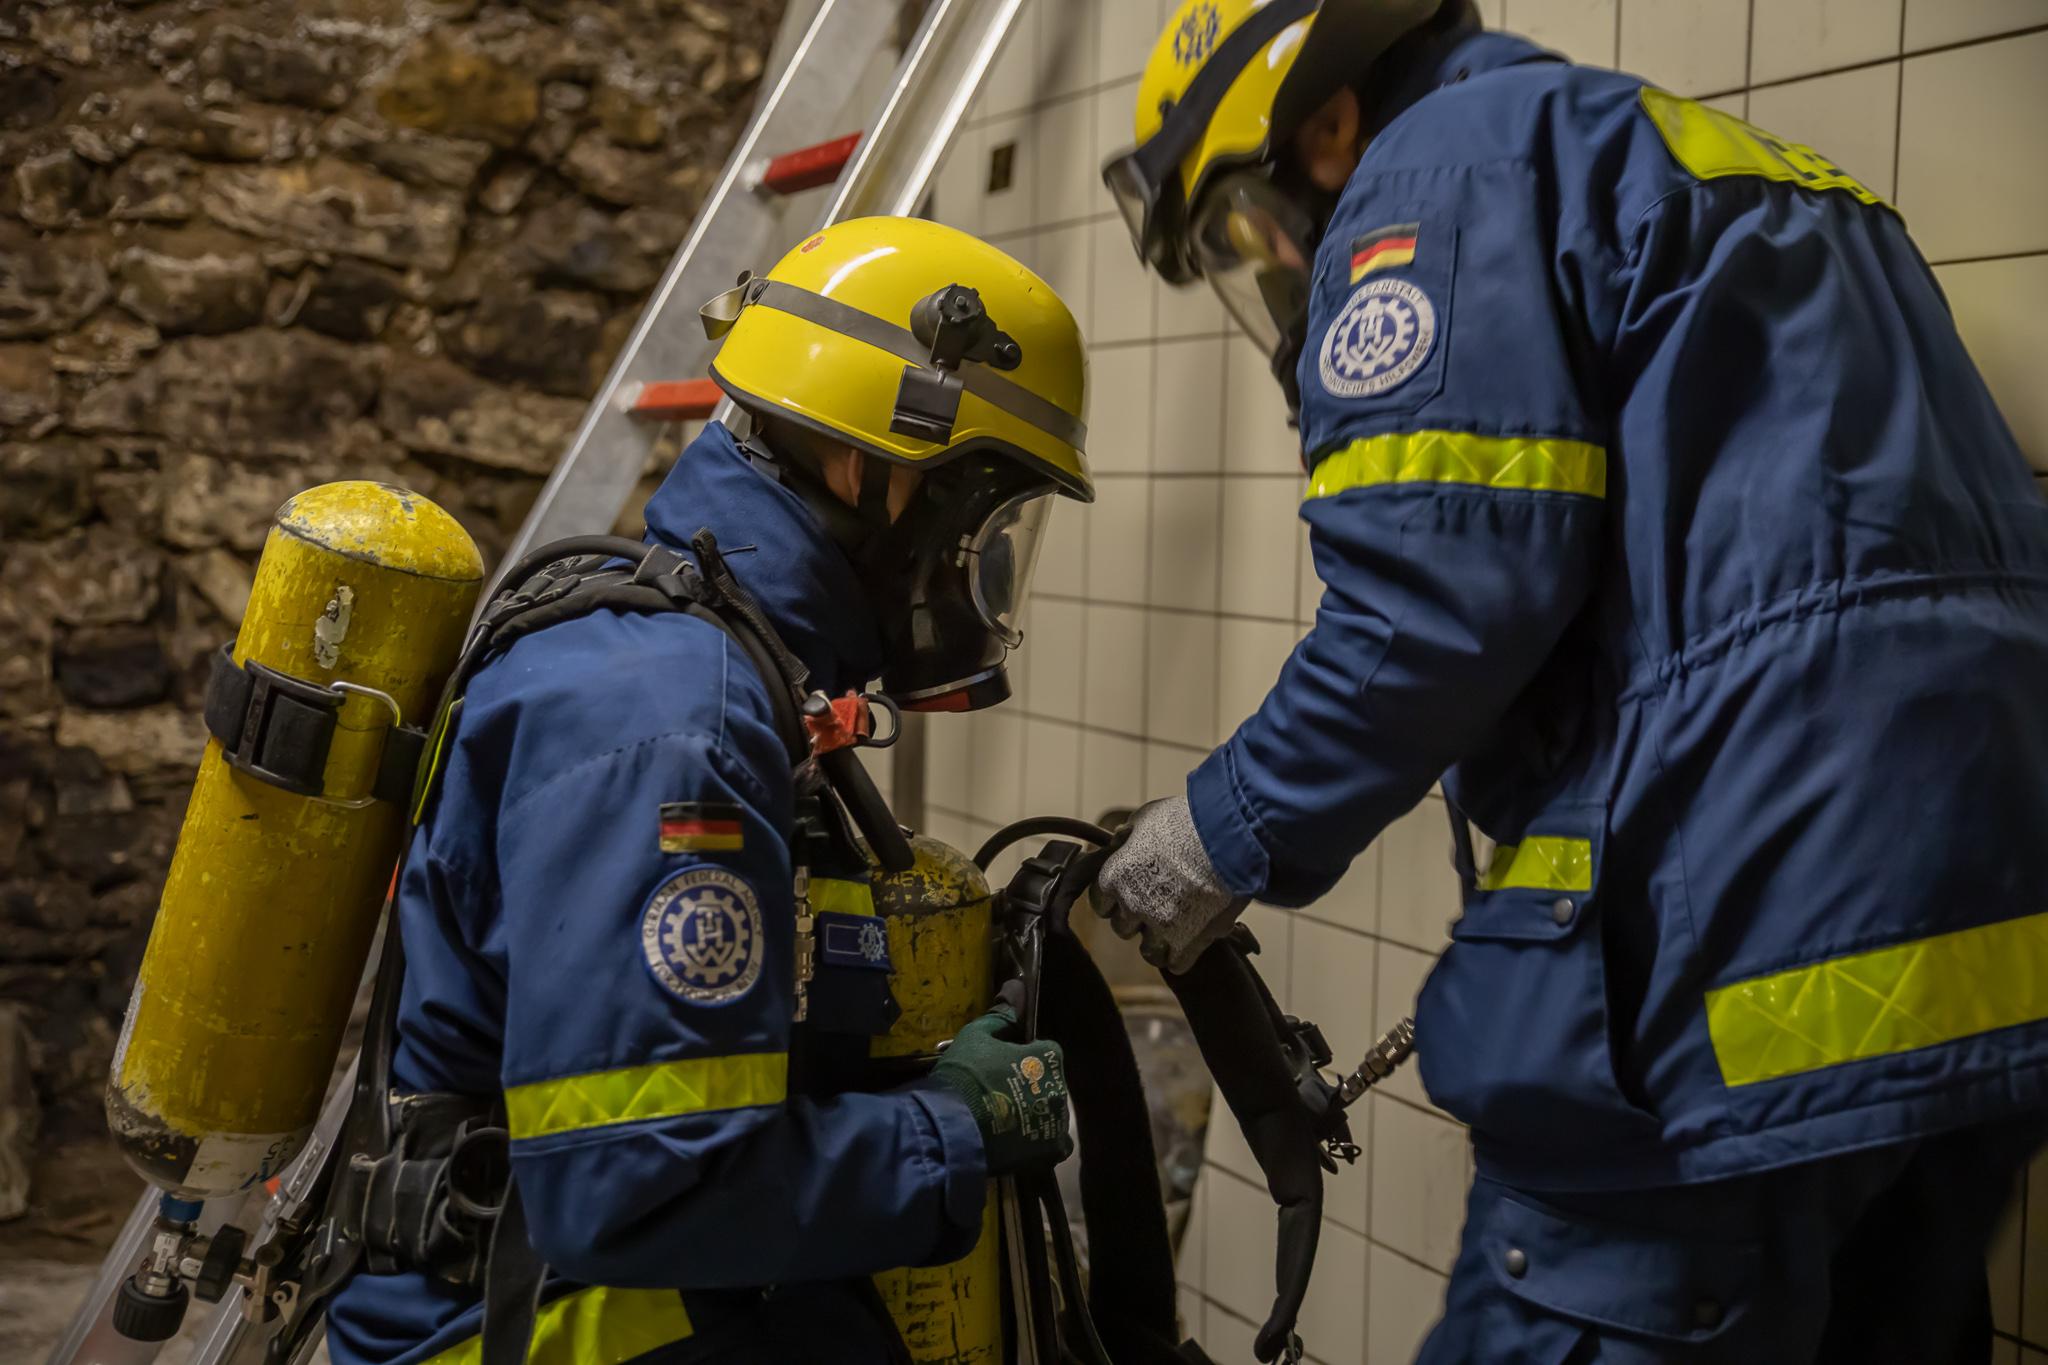 FeuerwehrSim 2019 Weinkeller-12